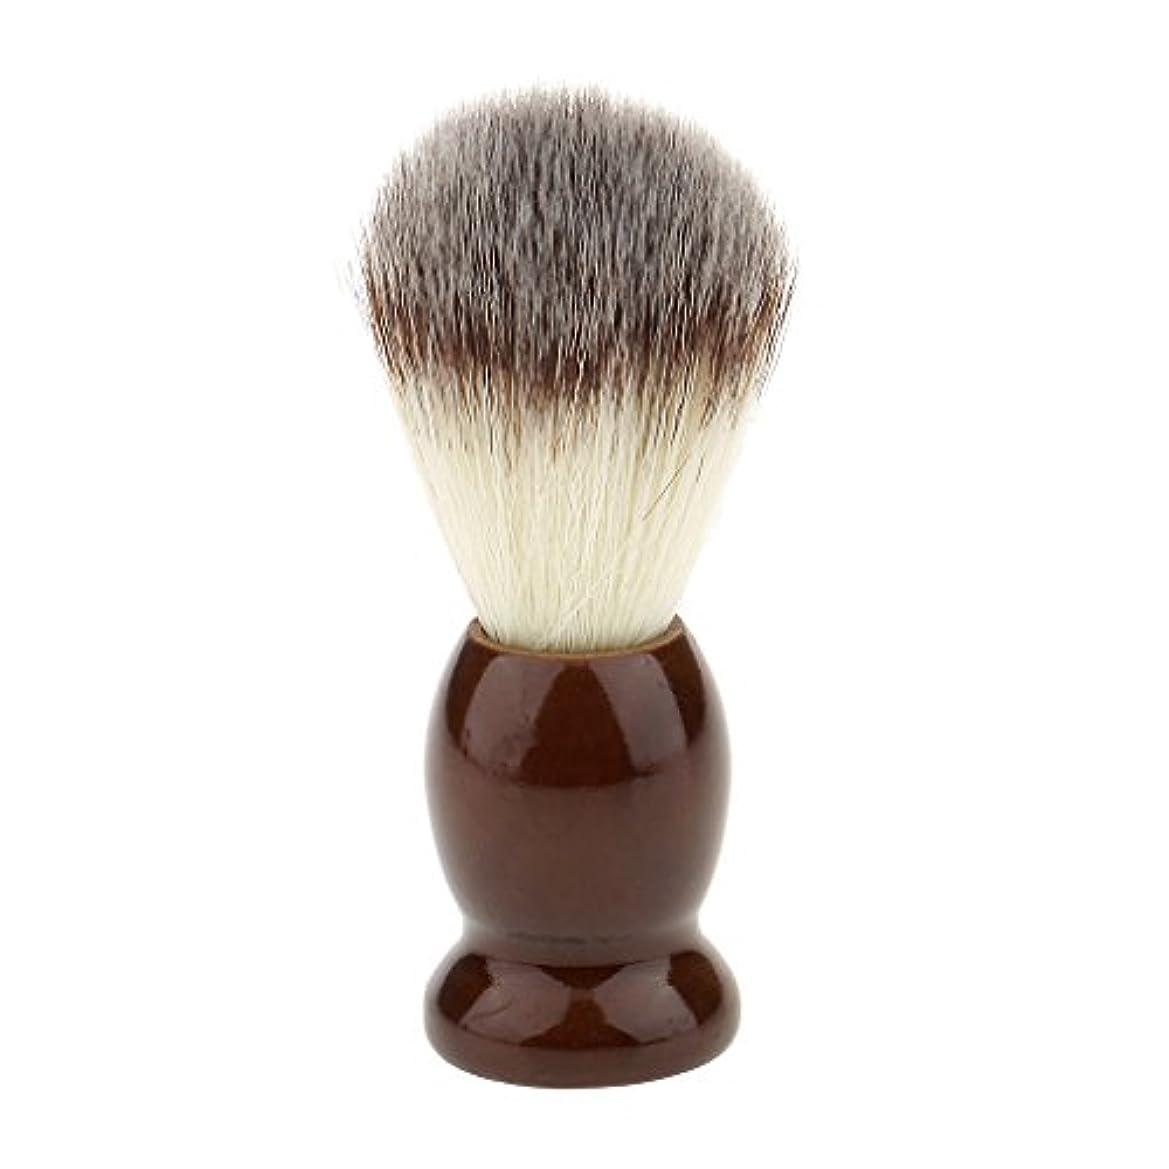 アーサーソーダ水成熟Kesoto ナイロン製 シェービングブラシ 柔らかい 理容  洗顔  髭剃り 便携 10.5cm  ブラウン